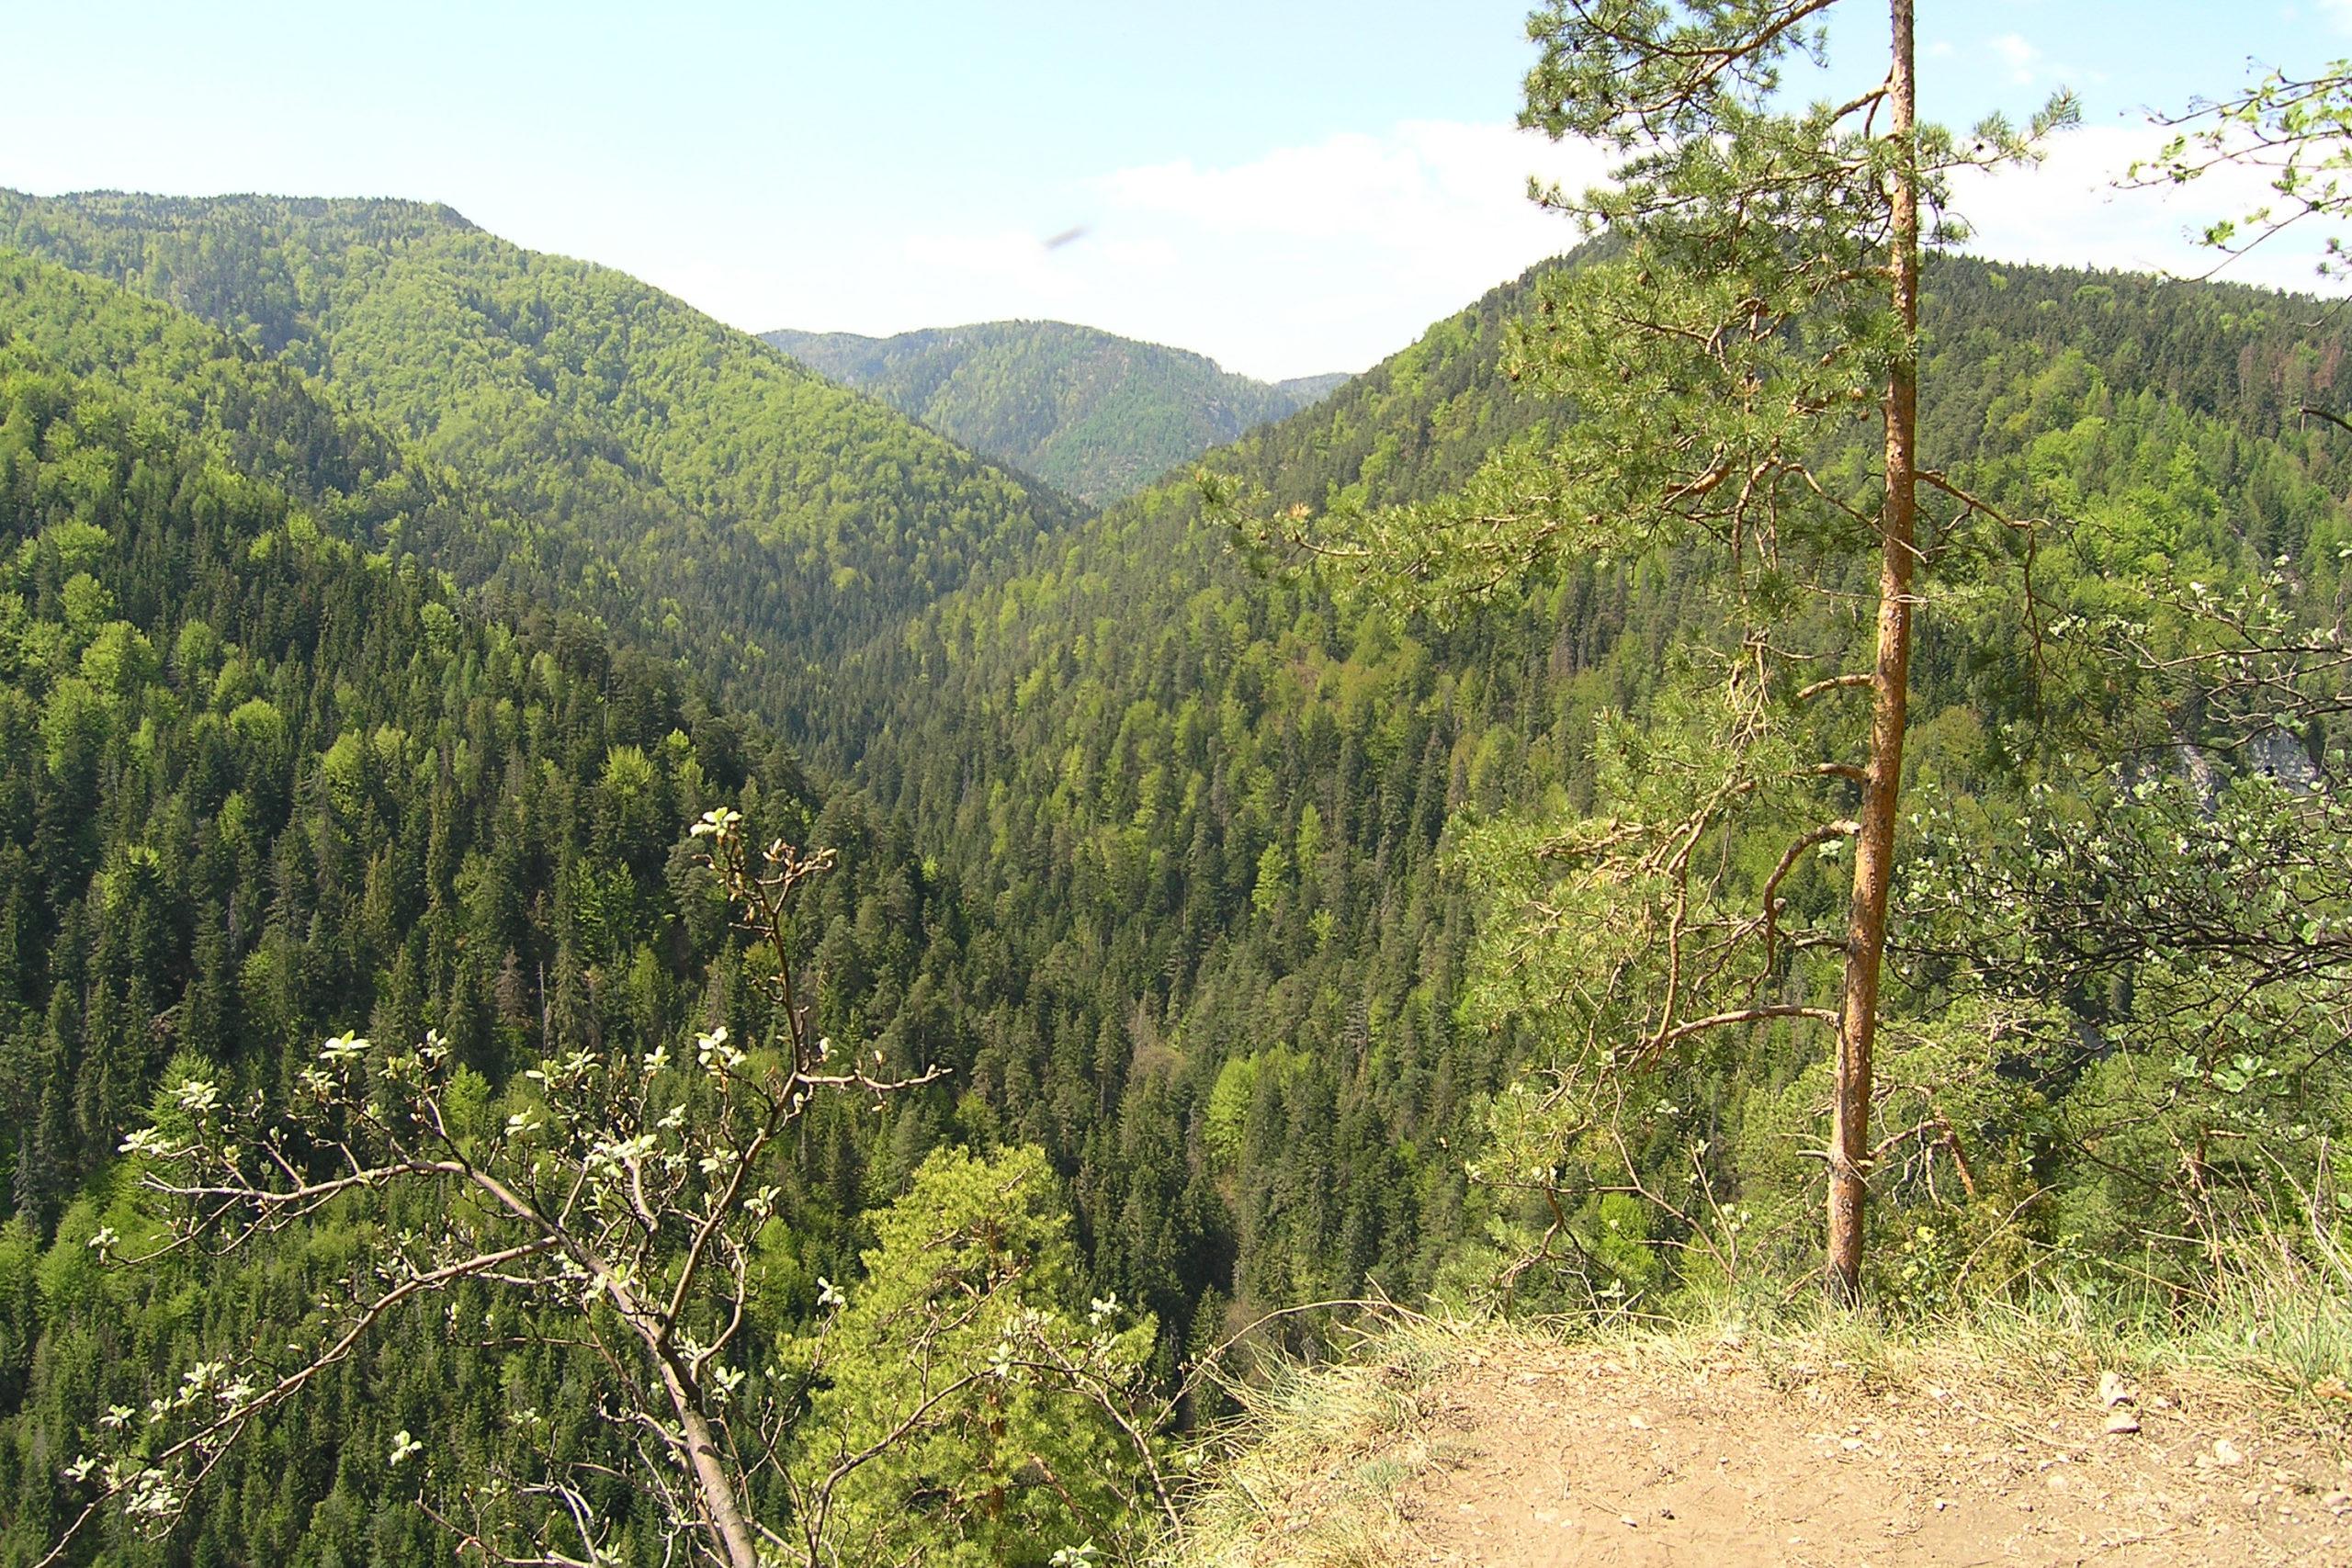 Widok na góry porośnięte drzewami